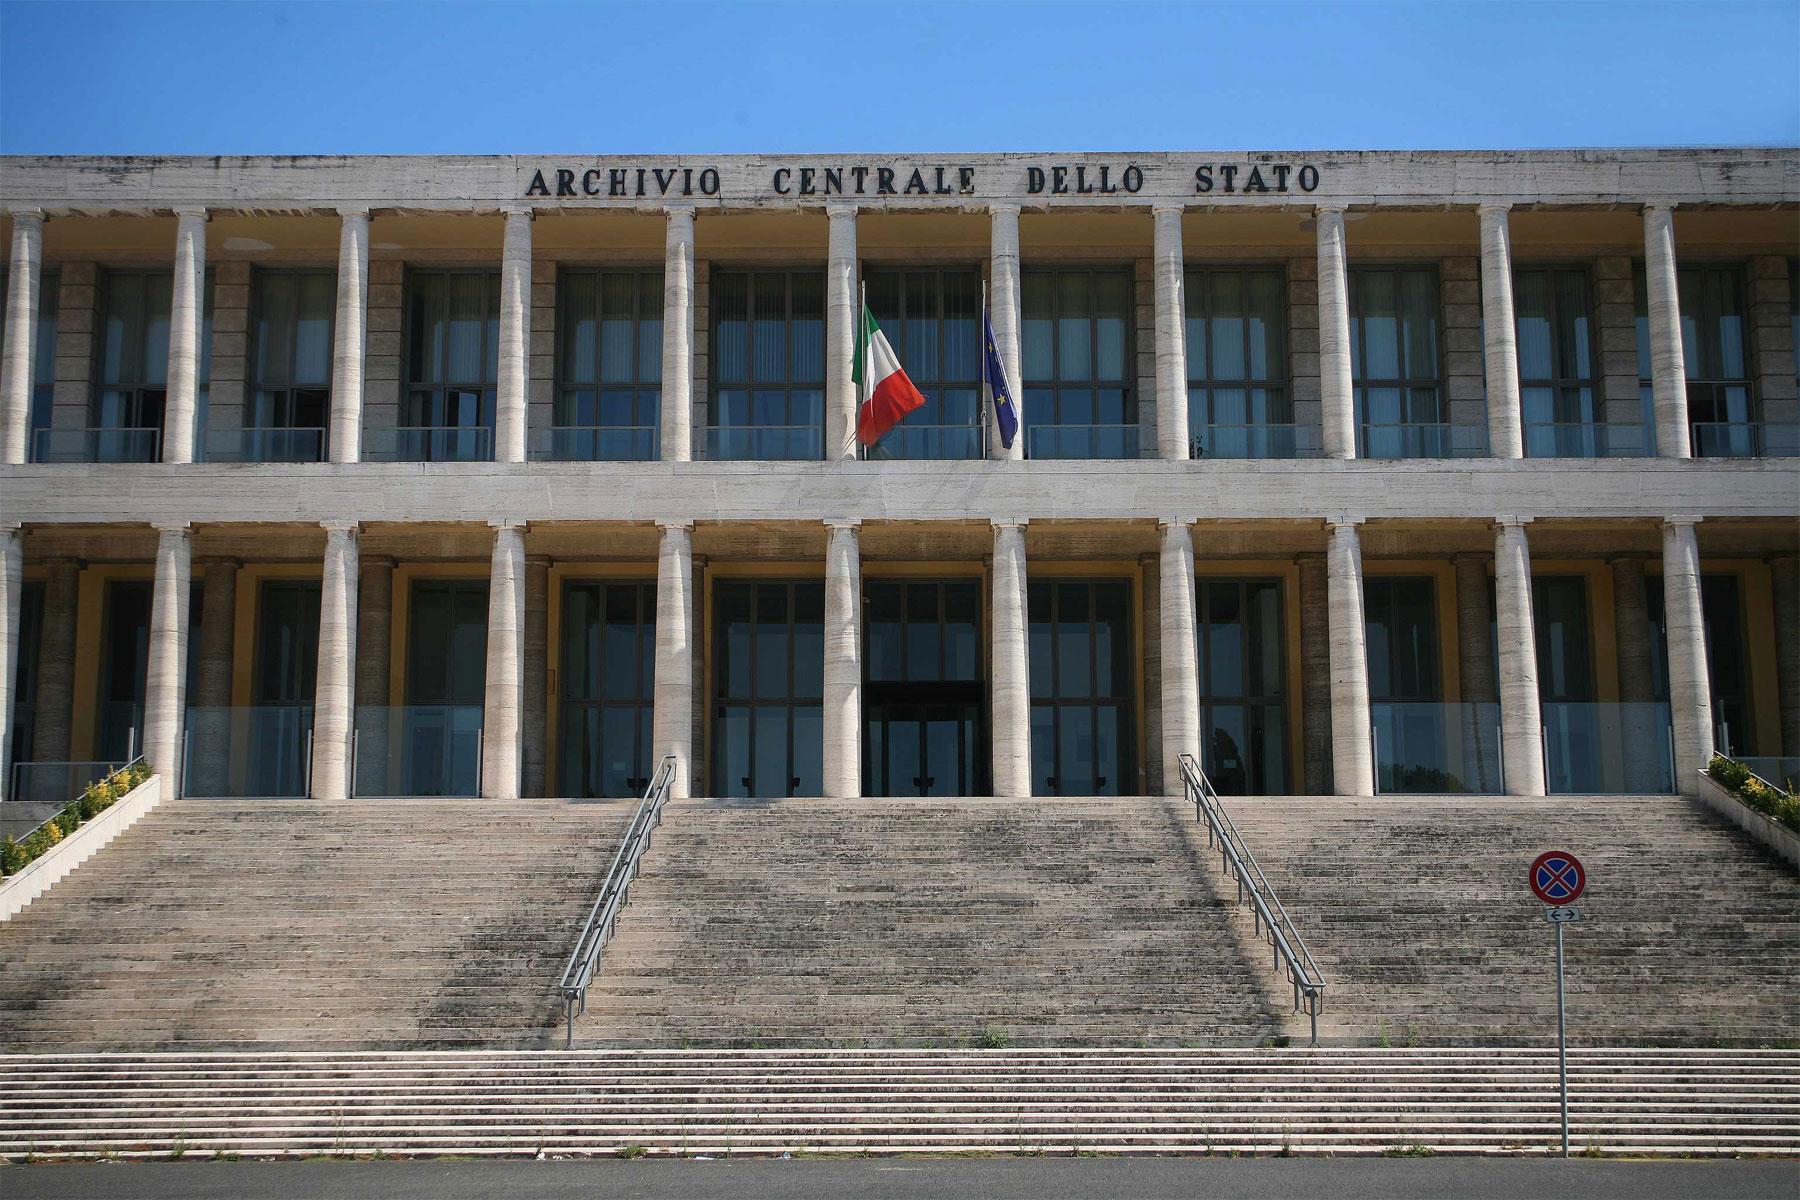 """Polemiche su nomina Archivio di Stato, l'ANAI: """"sia occasione per riflettere sulle criticità"""""""